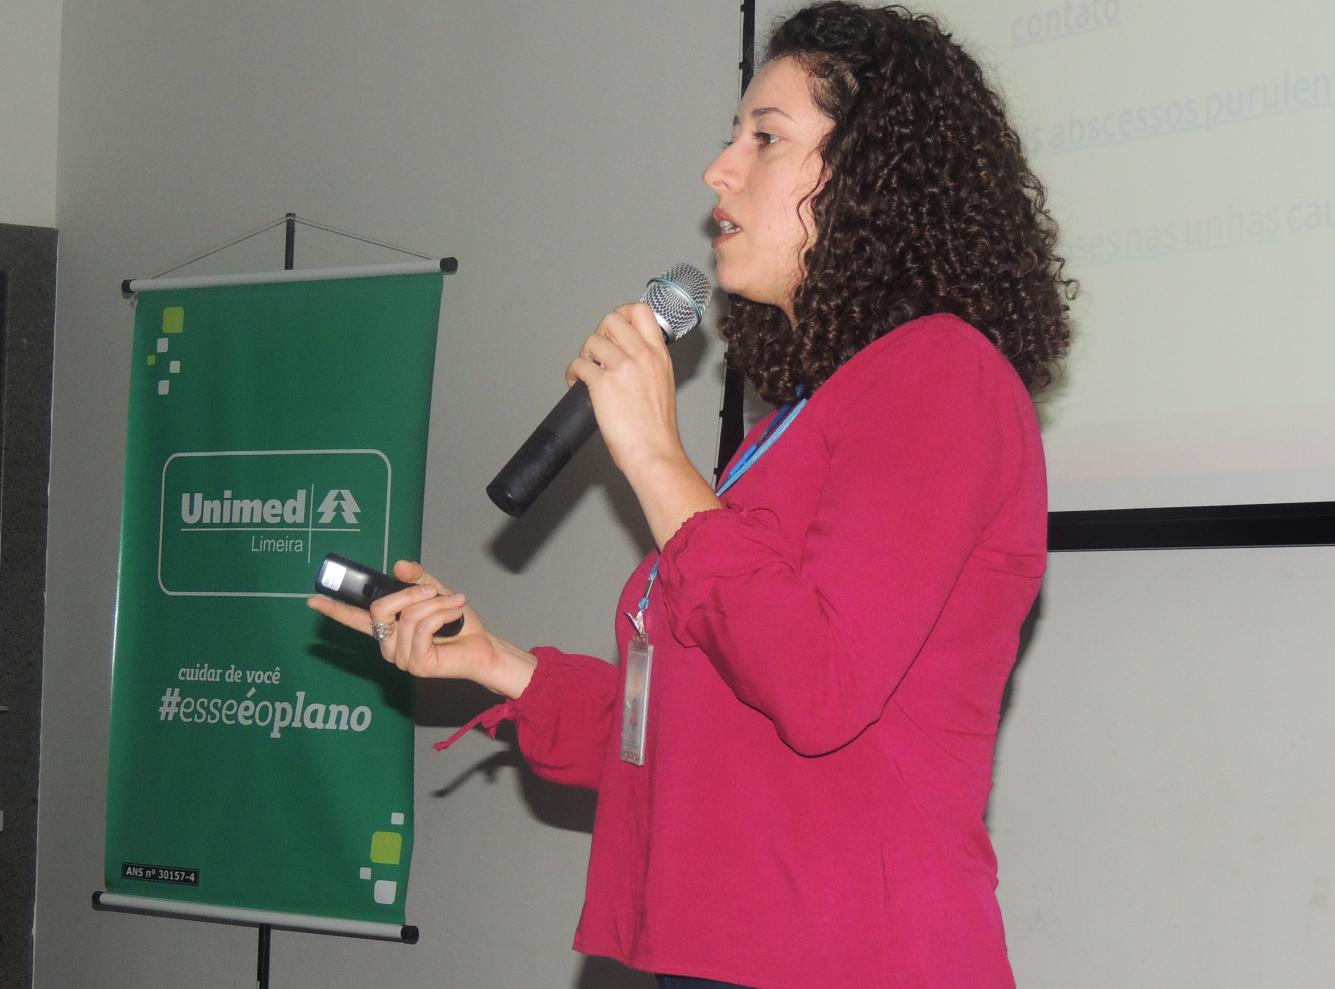 Manicures participam de evento sobre saúde em Limeira